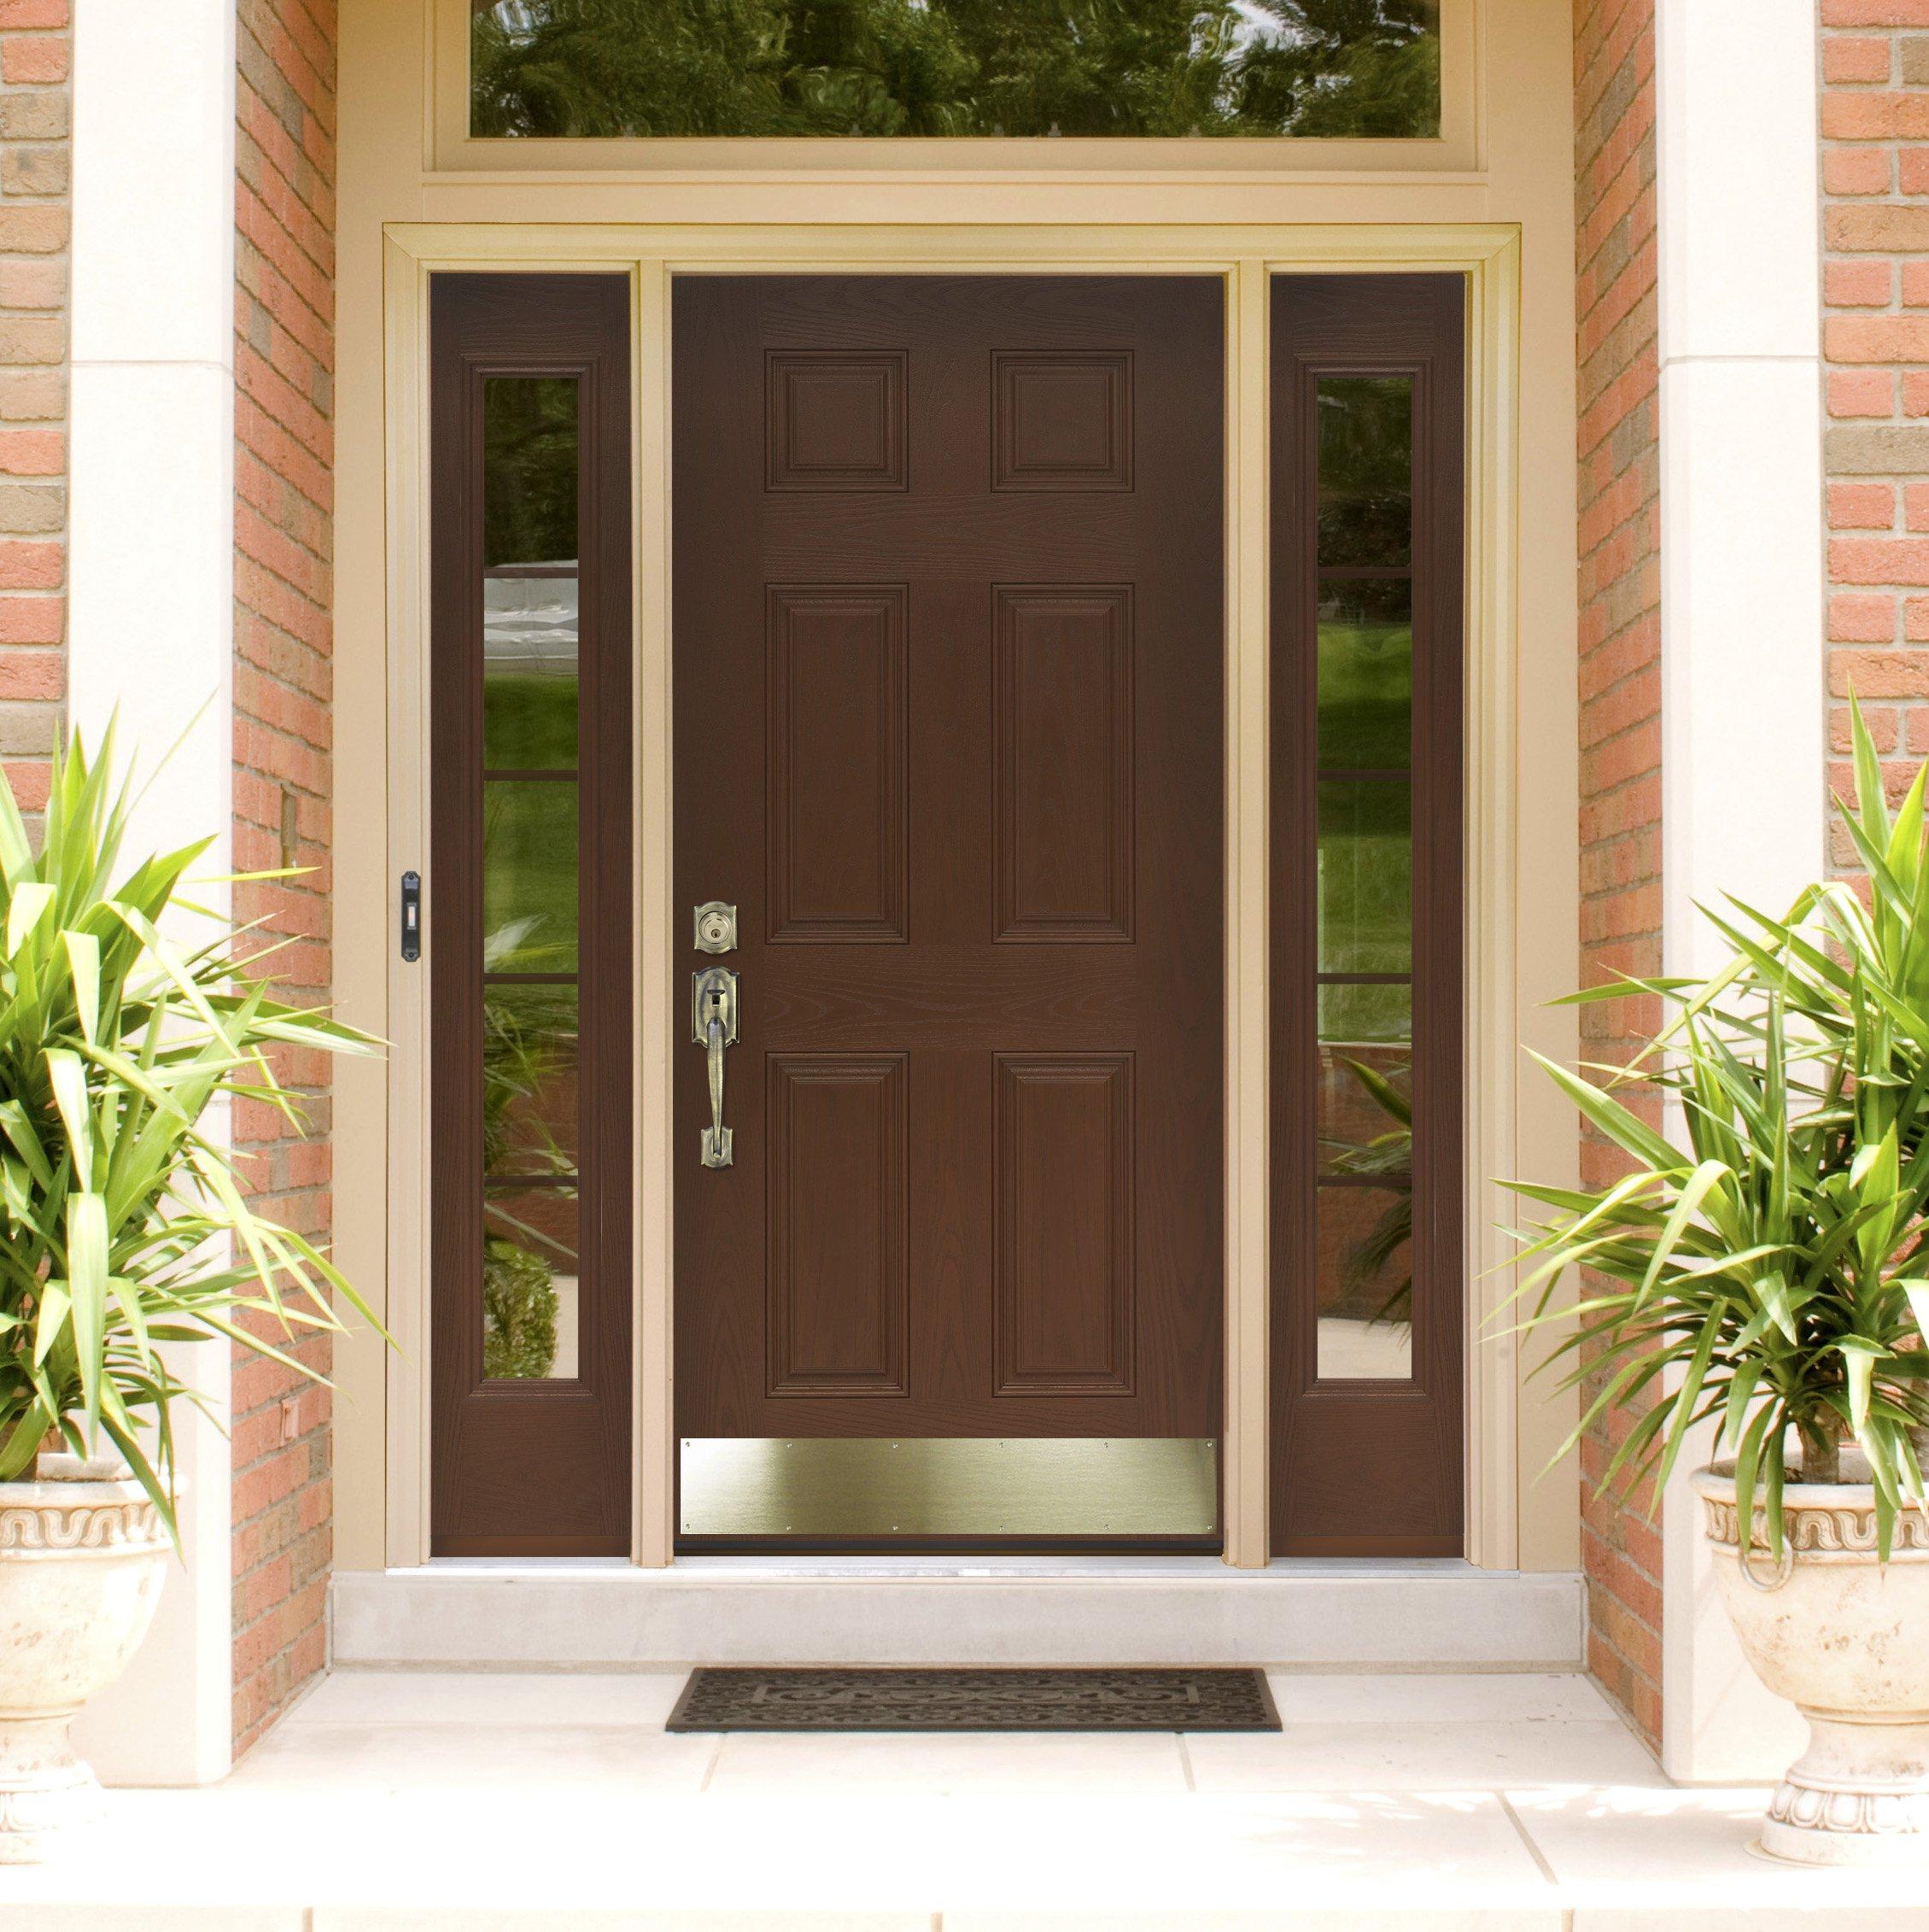 ProVia Fiberglass & Entry Doors | Pittsburgh Garage Doors